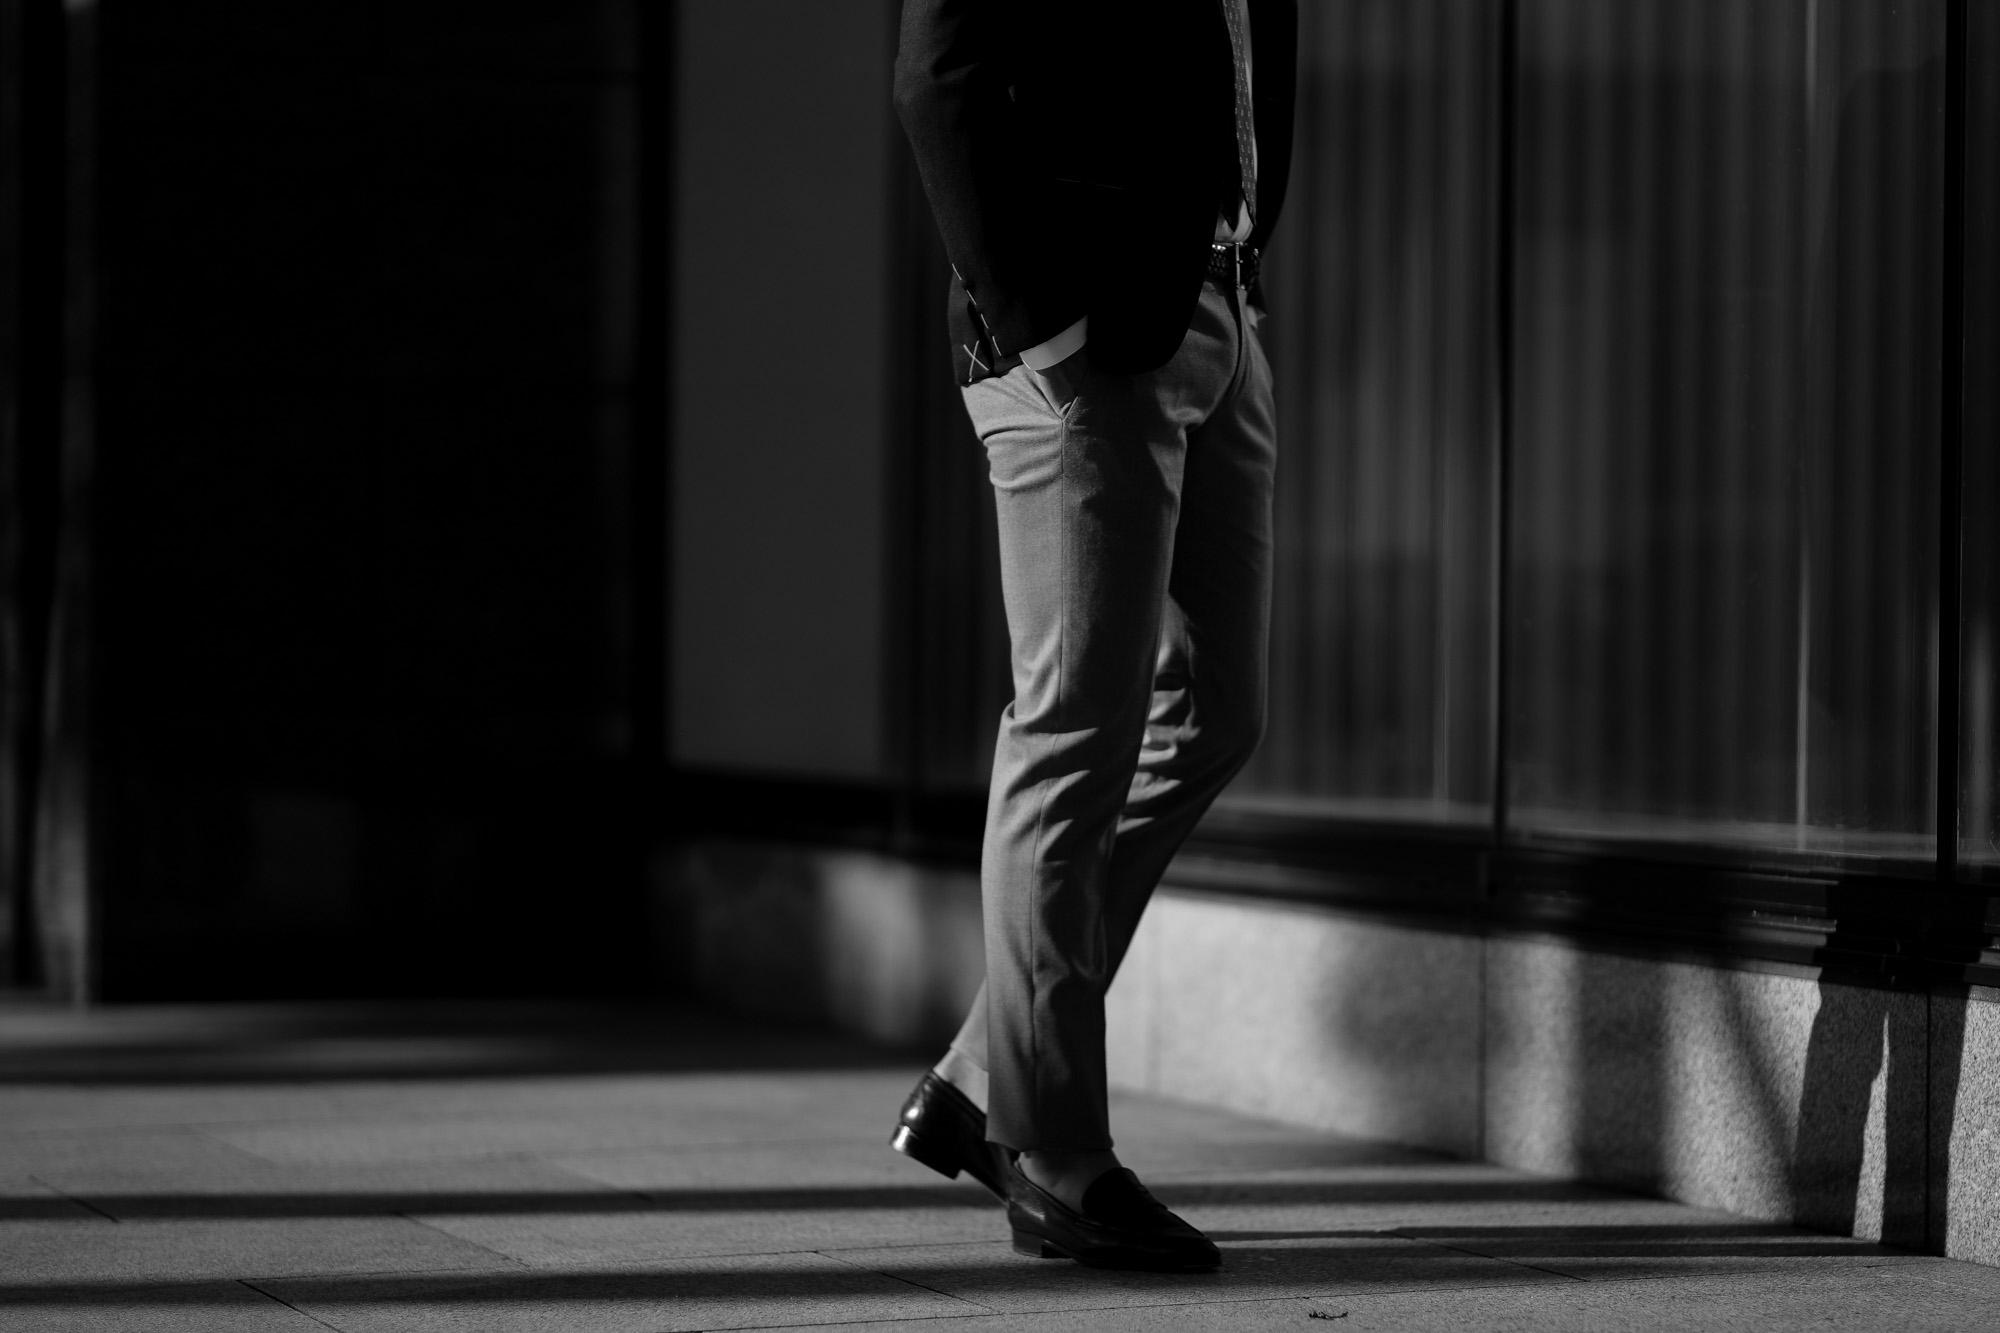 PT TORINO(ピーティートリノ) TRAVELLER (トラベラー) SUPER SLIM FIT (スーパースリムフィット) WASHABLE TECHNO WOOL ストレッチ テクノ ウォッシャブル サージ ウール スラックス CHARCOAL GRAY (チャコールグレー・0260) 2020 秋冬 【ご予約受付中】愛知 名古屋 altoediritto アルトエデリット